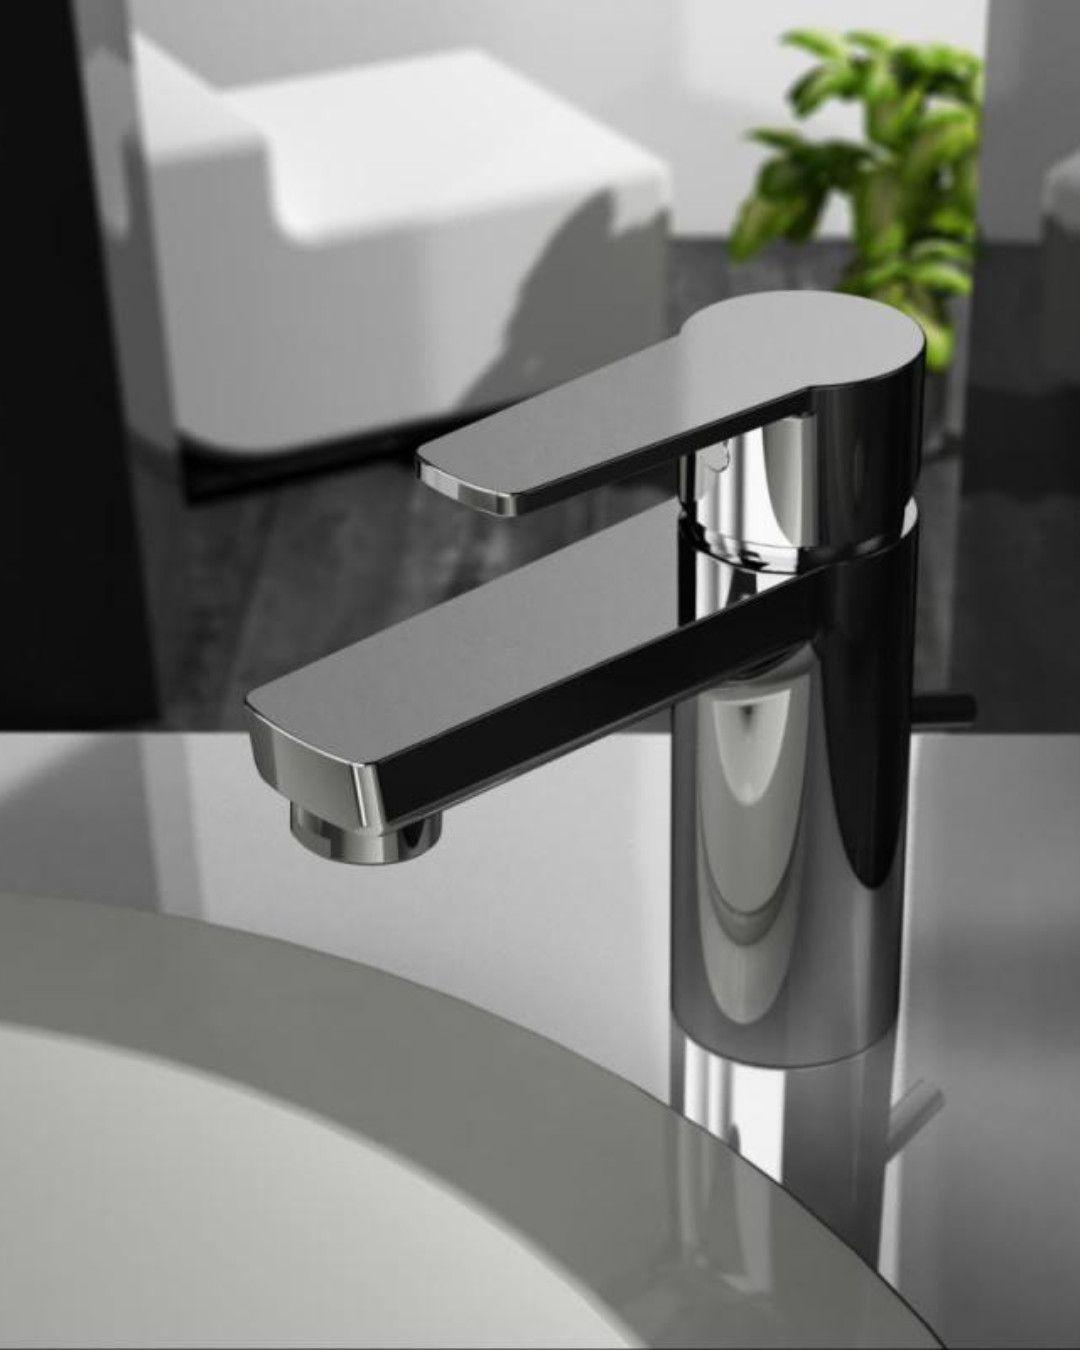 Treos Serie 191 Die Waschtischarmatur Verleiht Ihrem Waschplatz